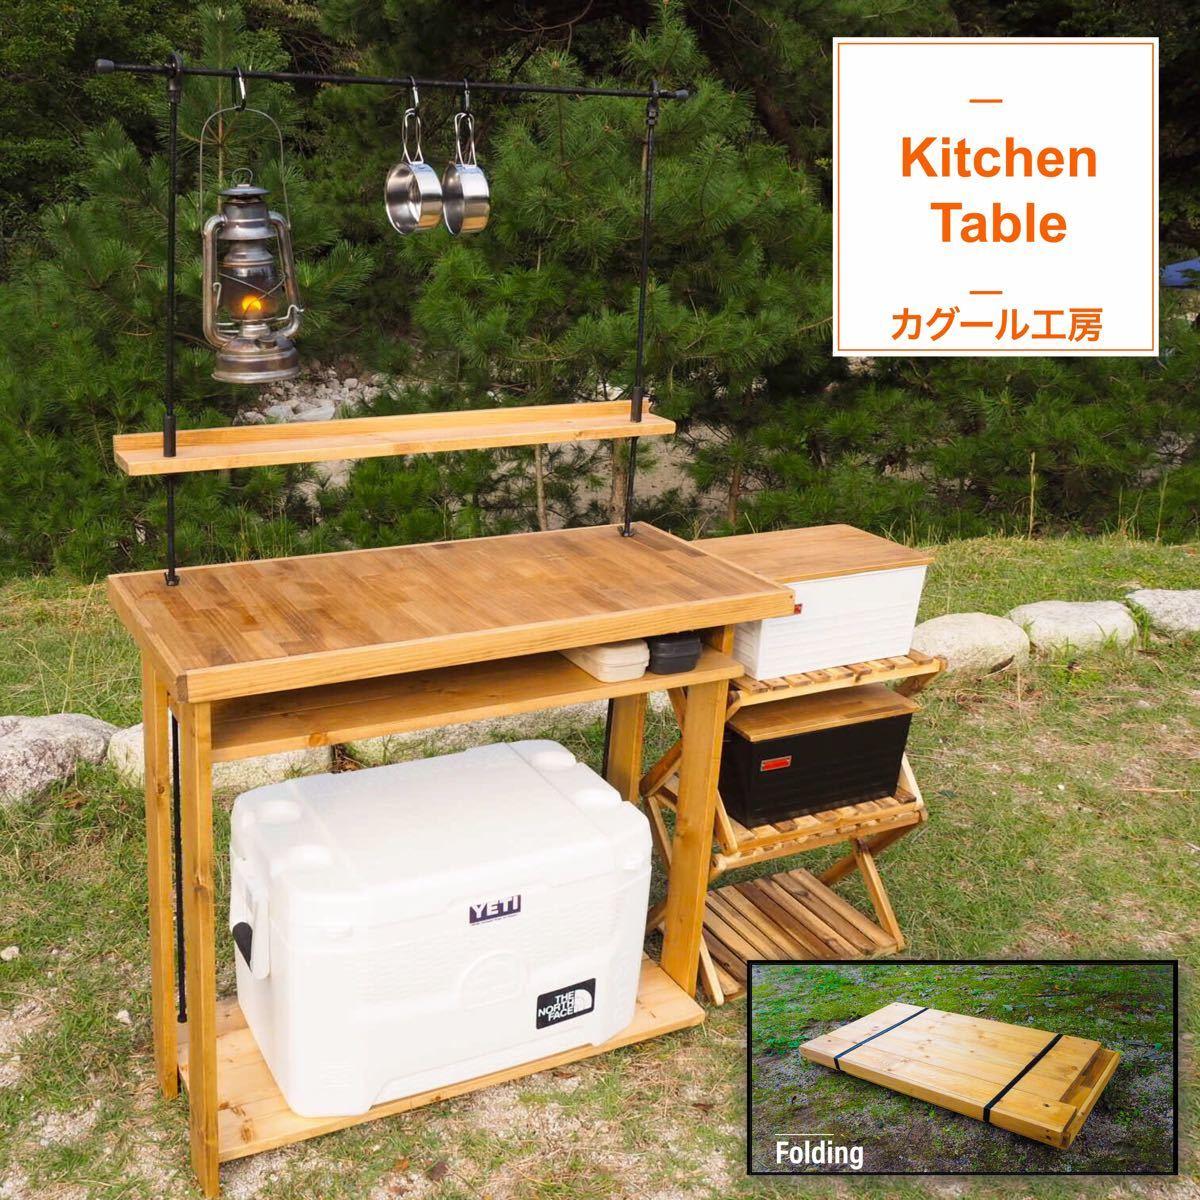 【サイズオーダー可能】折りたたみキッチンテーブル/アウトドアテーブル/オリジナル